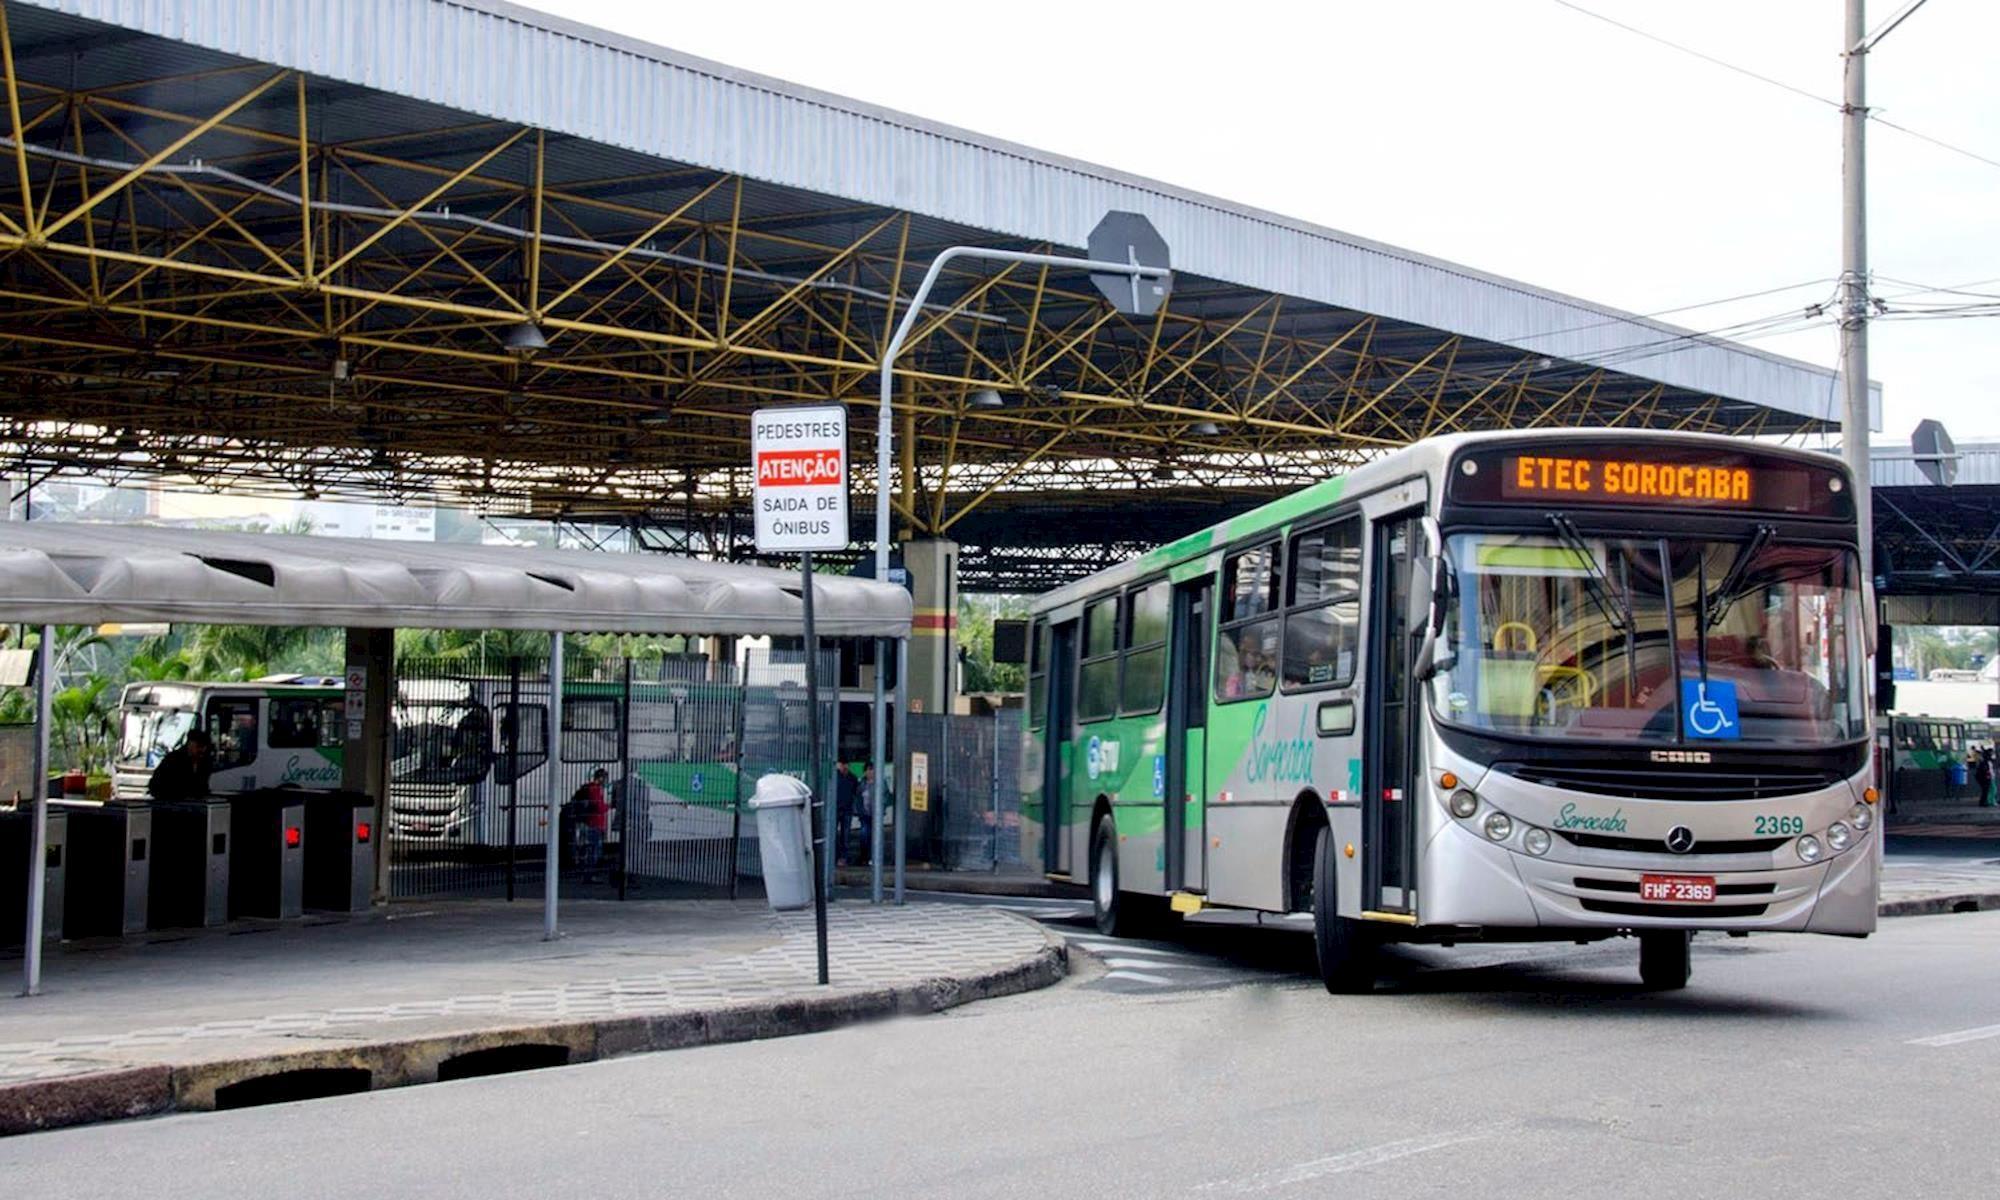 transporte, onibus, tarifa, terminal, Foguinho/Imprensa SMetal